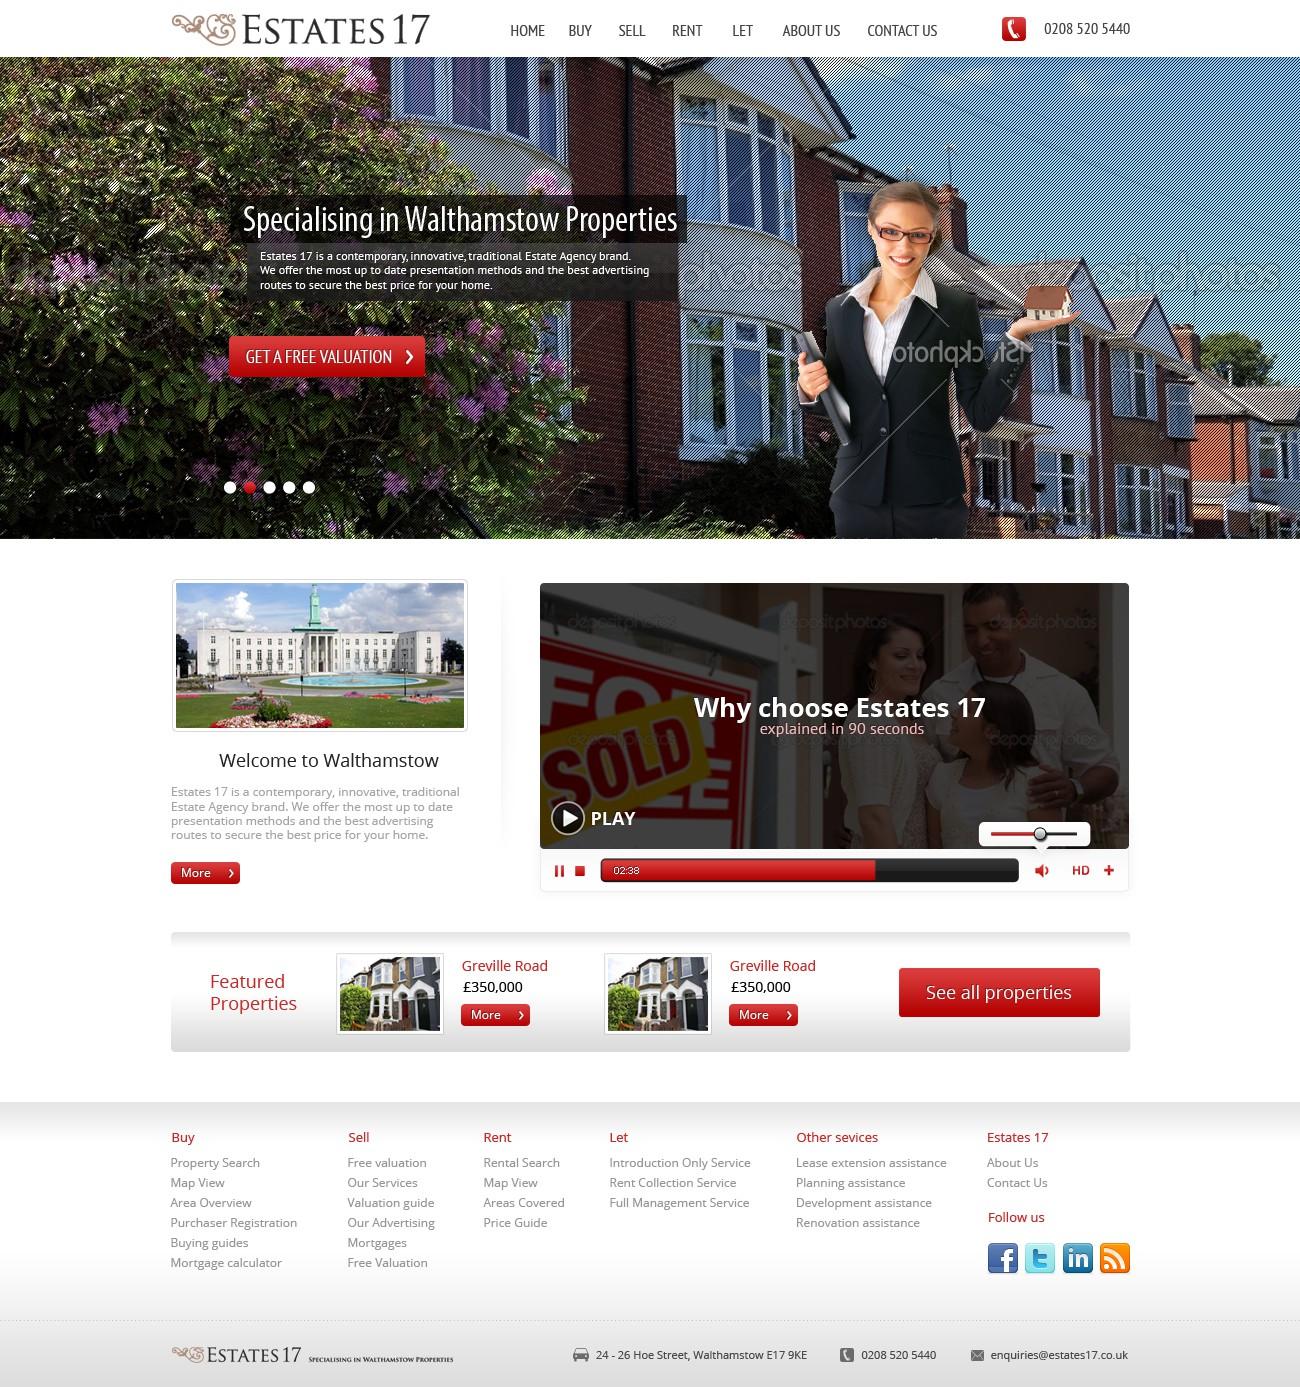 website design for Estates17 [3 pages]